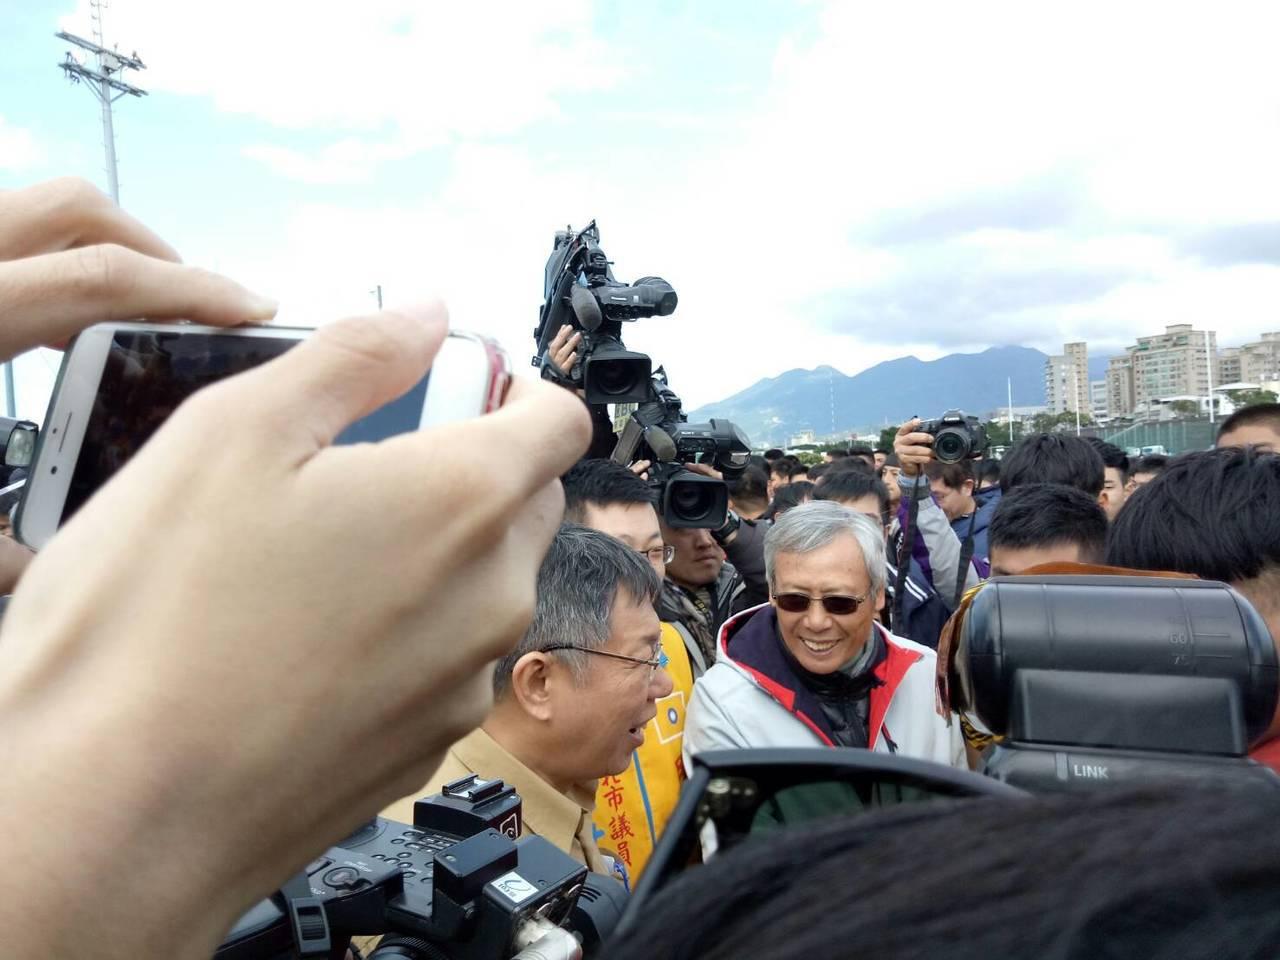 台北市長柯文哲今天出席市長盃橄欖球盃被問及朱立倫認為他是政治明星的看法,柯文哲說...